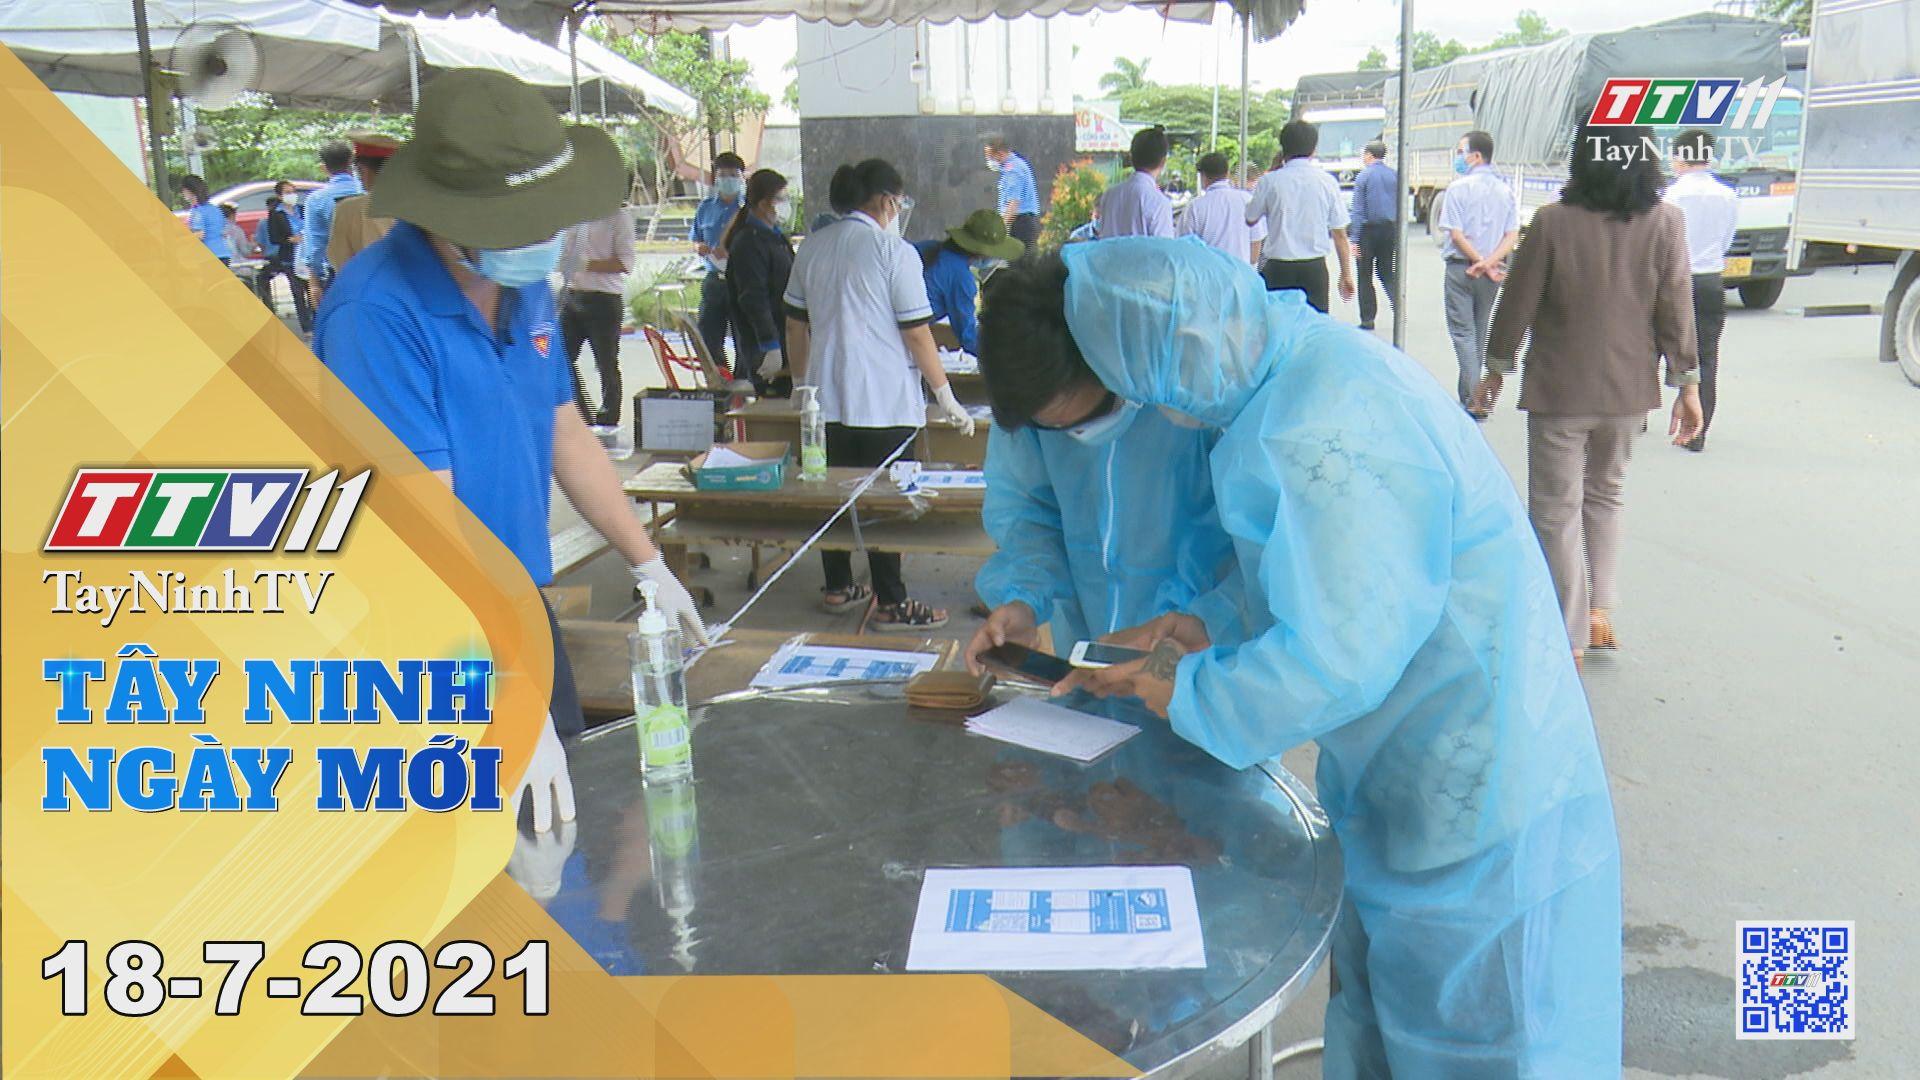 Tây Ninh Ngày Mới 18-7-2021 | Tin tức hôm nay | TayNinhTV